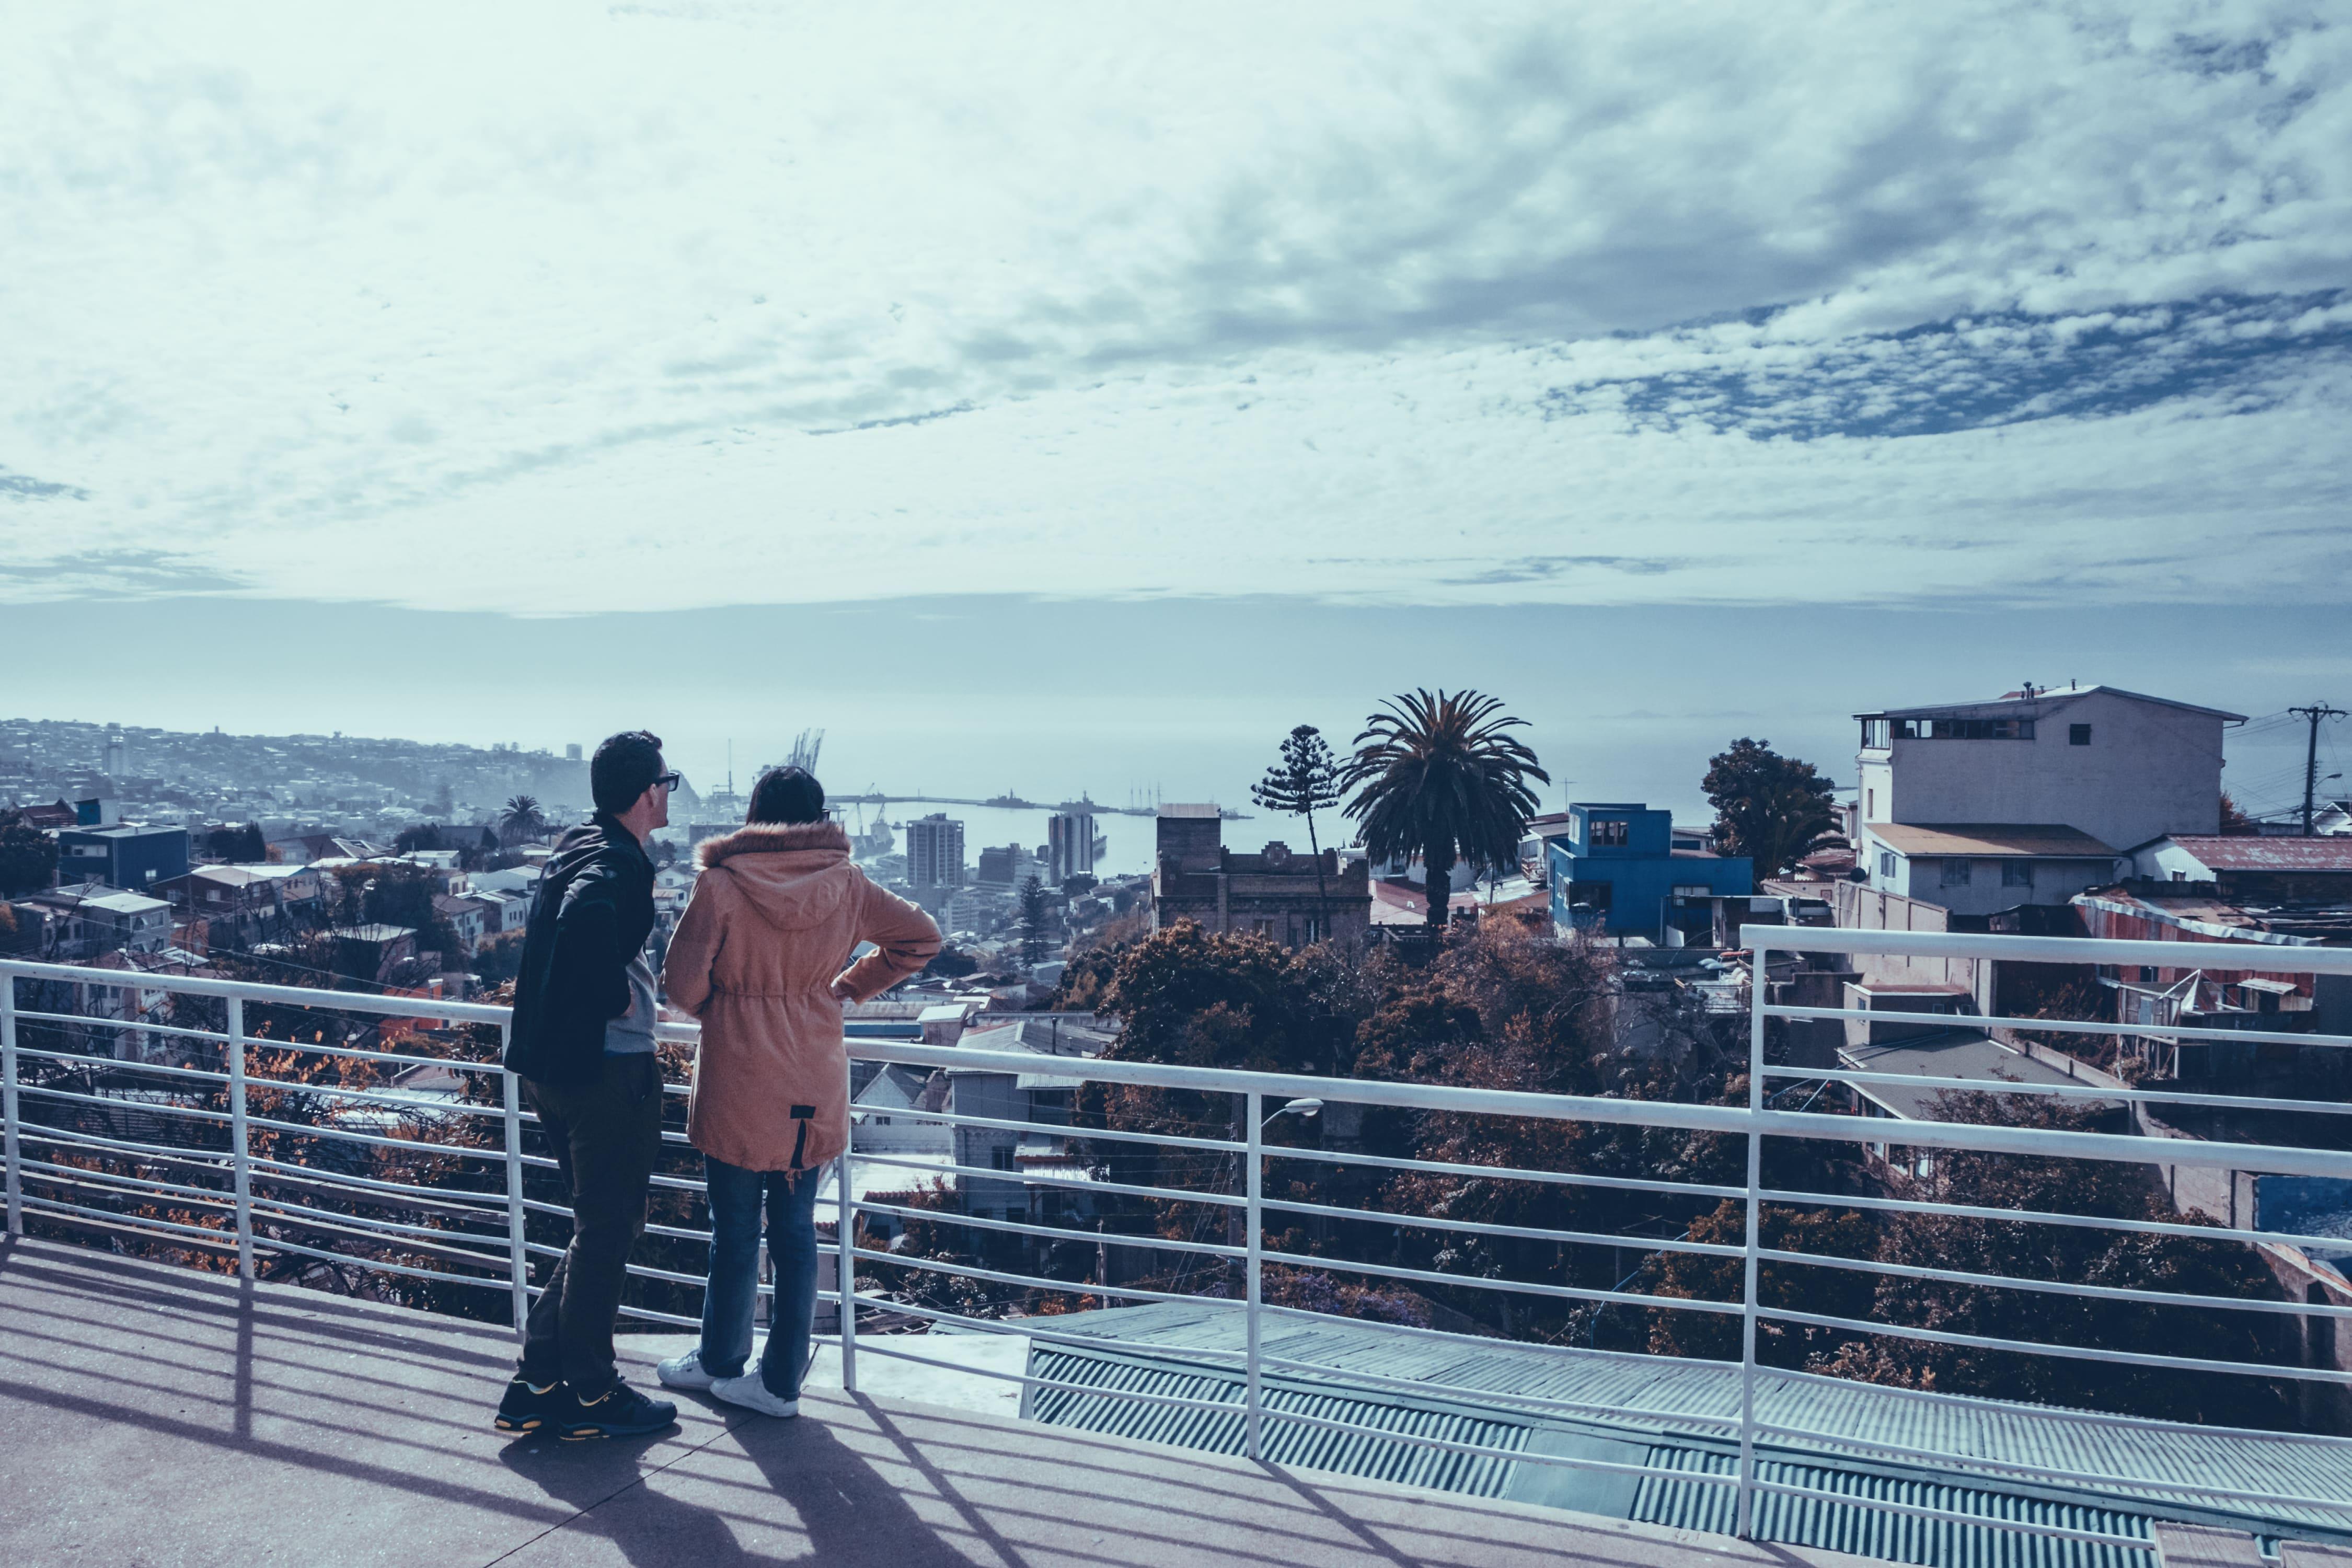 Viña Del Mar E Valparaíso:conheça O Oceano Pacífico Com Muita História E Cultura